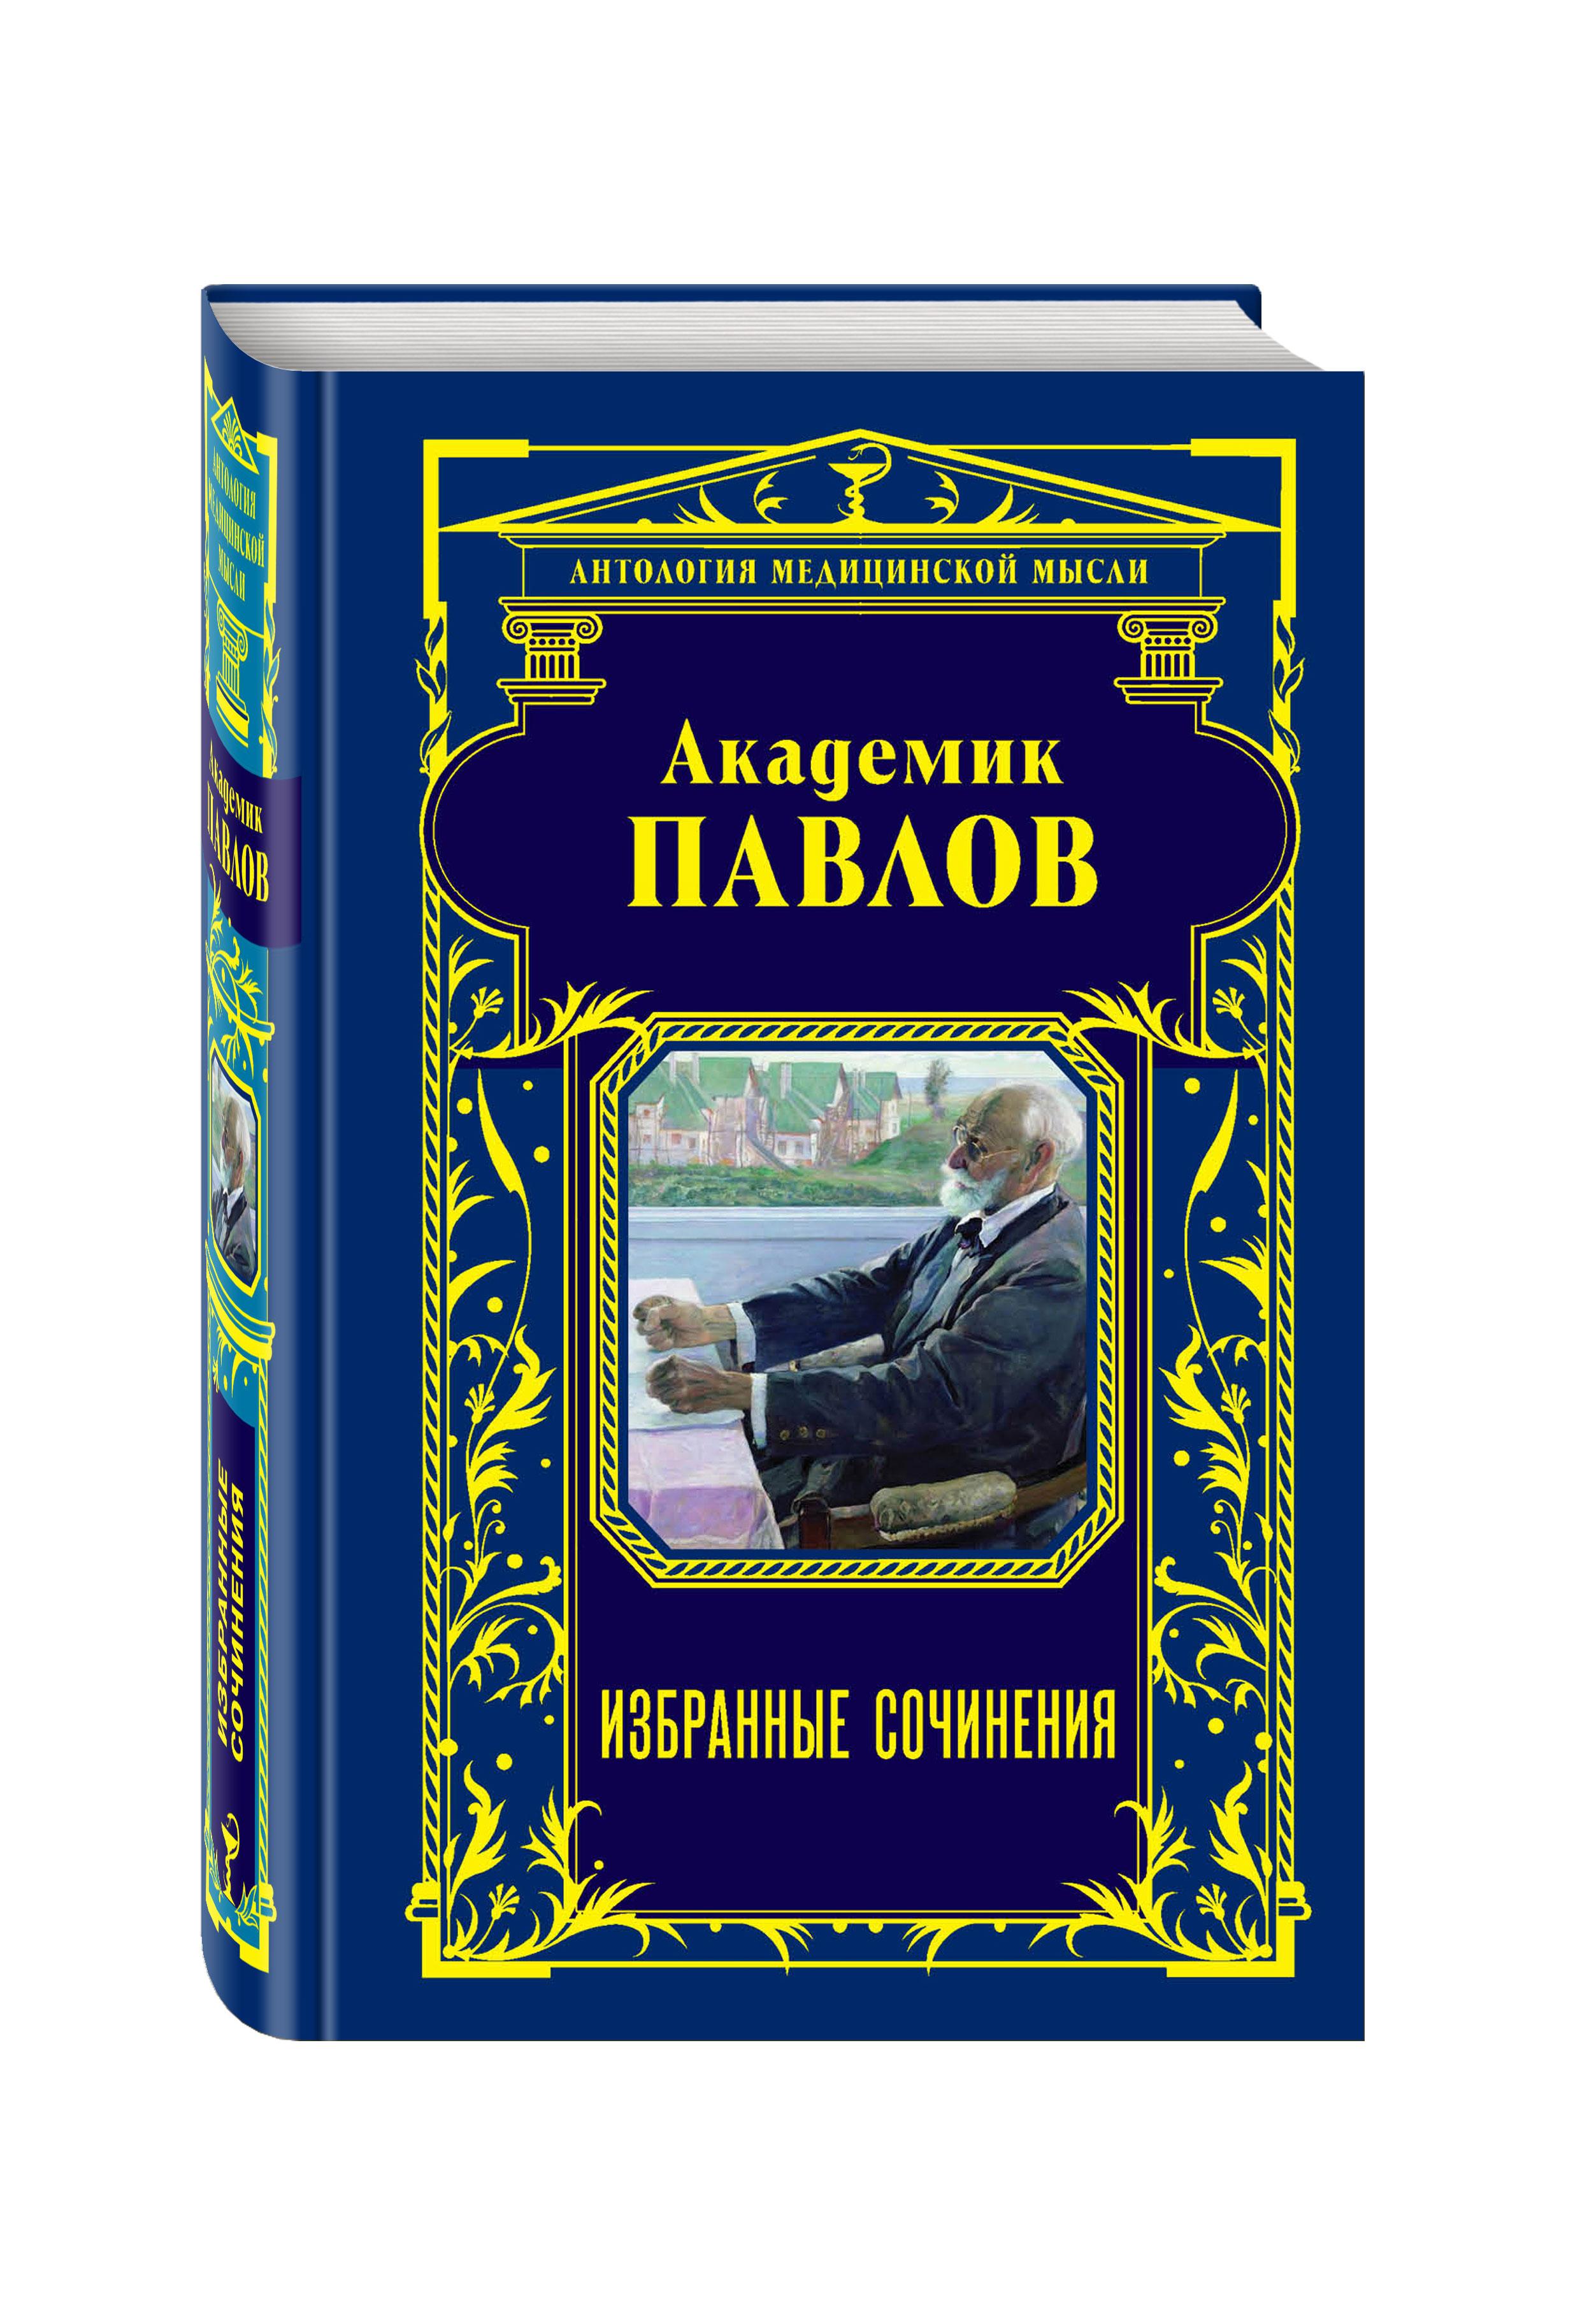 Академик Павлов. Избранные сочинения от book24.ru